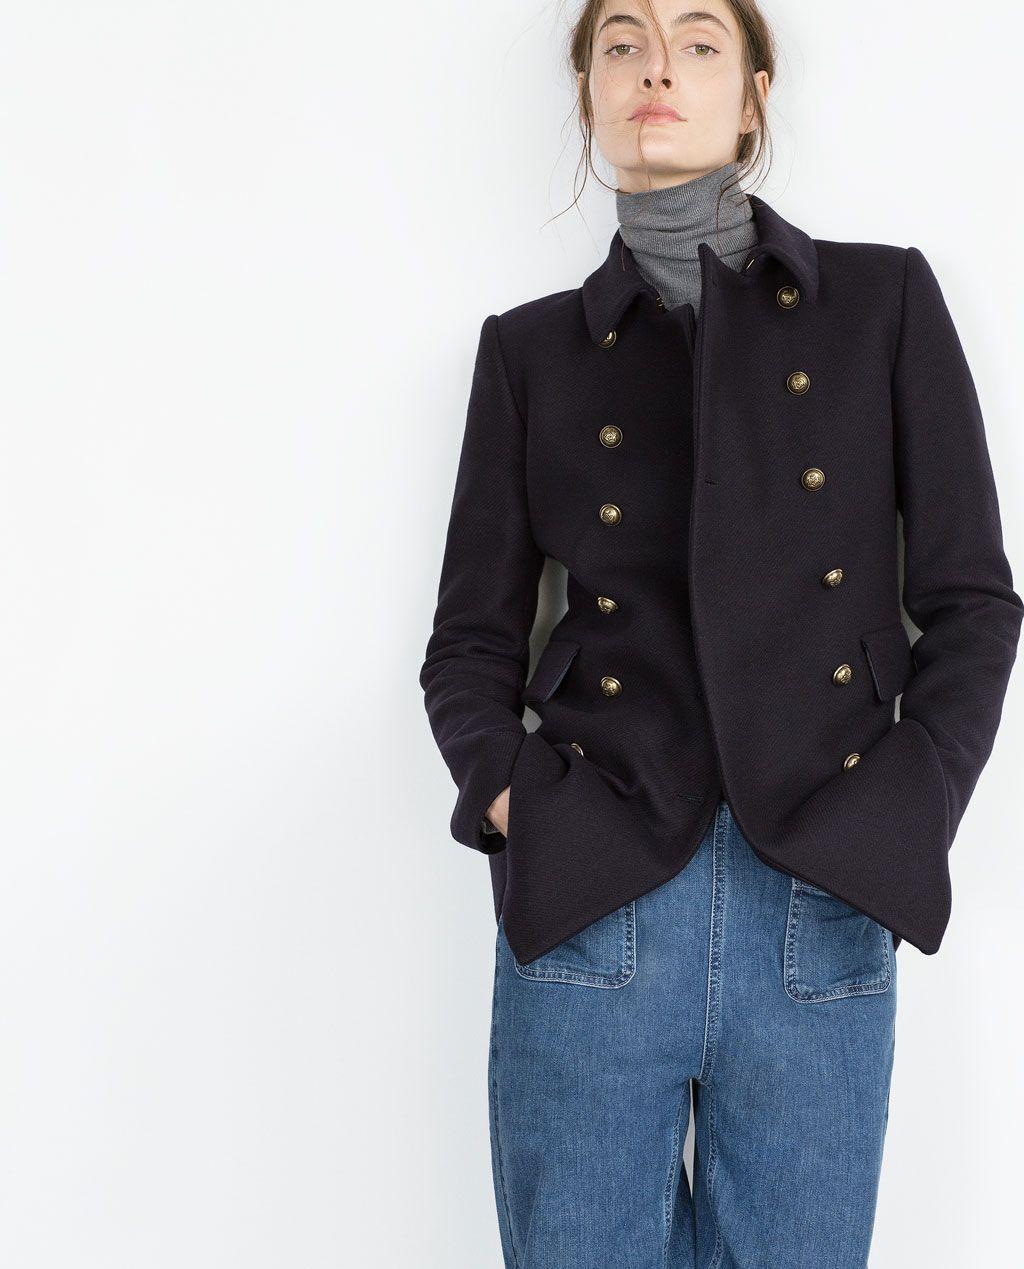 Zara Ver España Botones Abrigos Spring Mujer Summer Abrigo Todo qO41wxaR4X